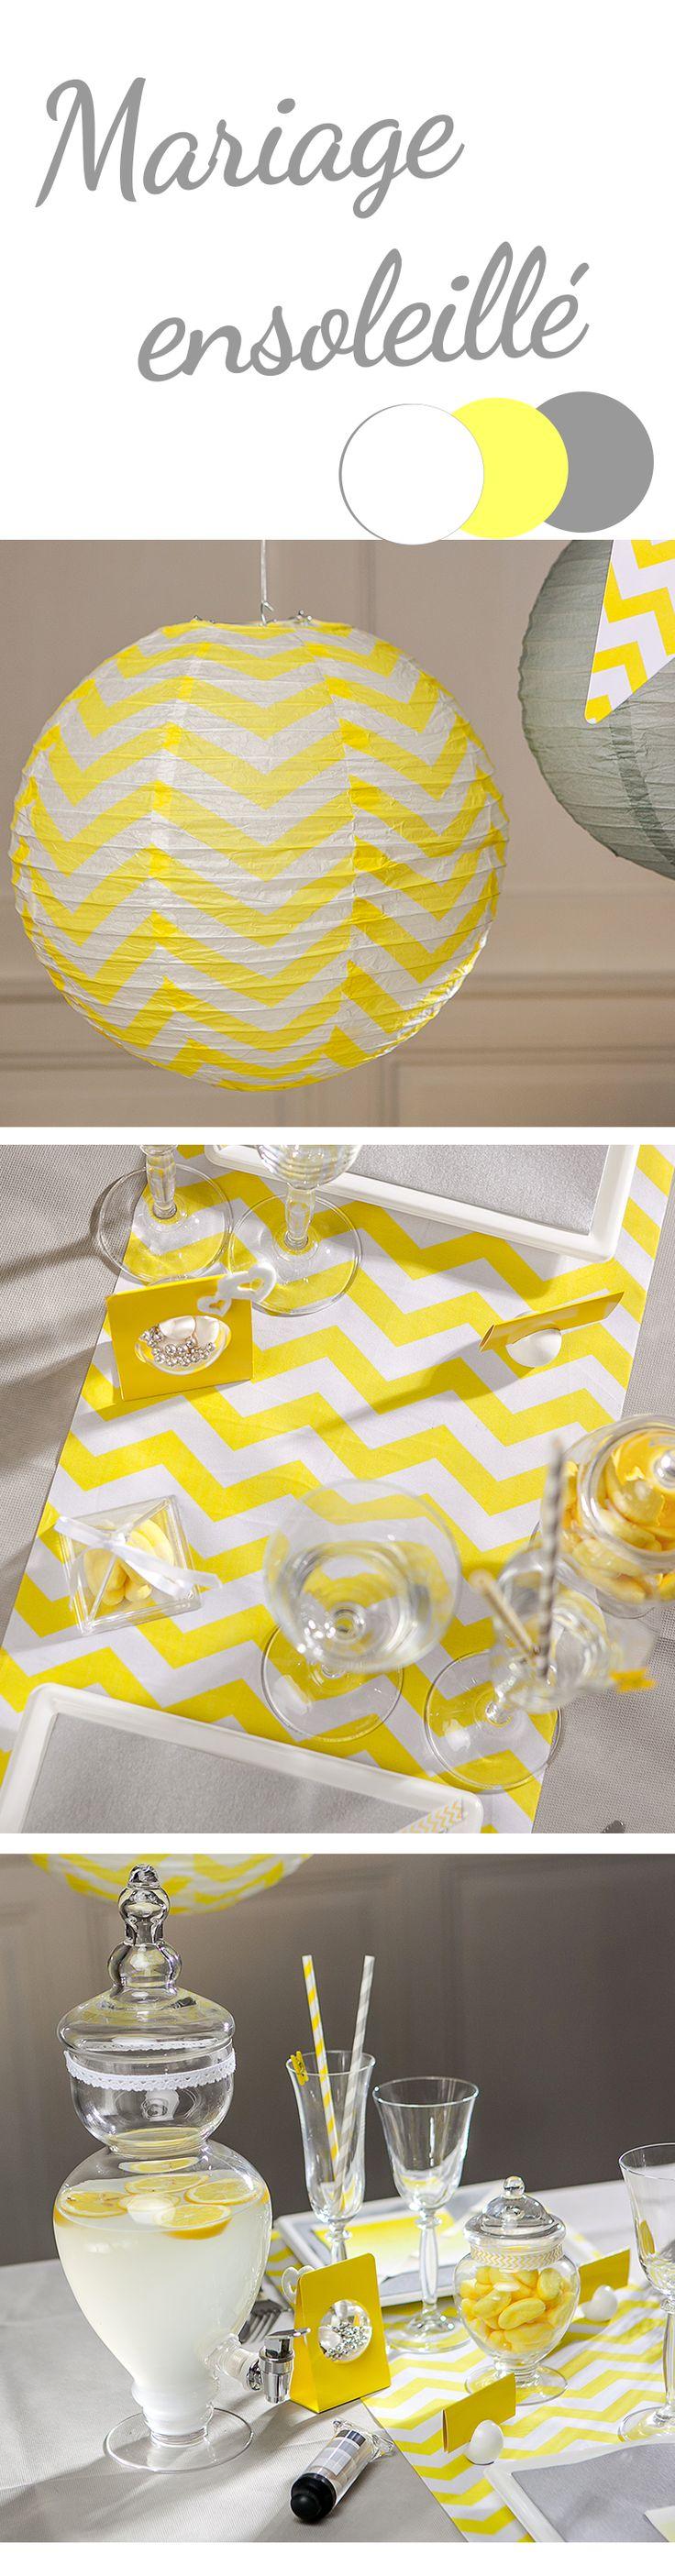 Du jaune, du gris, des chevrons un magnifique limonadier pour votre déco de fête…